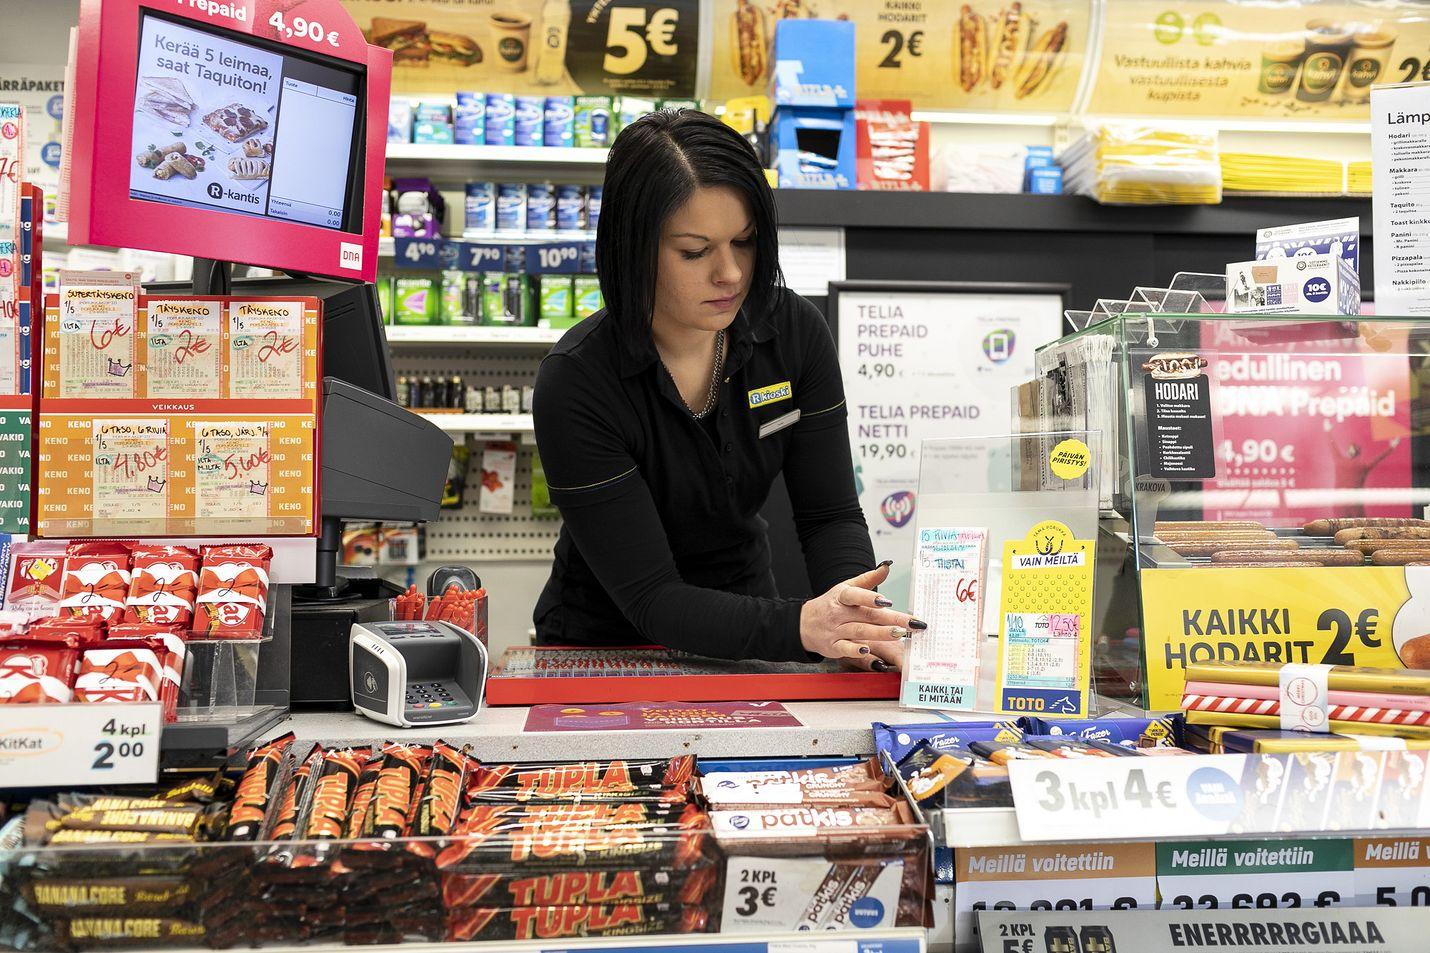 Loton ennätyspotin oikea rivi myytiin Uudenkaupungin Ketunkallion R-kioskista. Myyjä Heidi Kaupinsalo kertoo, että sunnuntai on sujunut rauhallisesti.